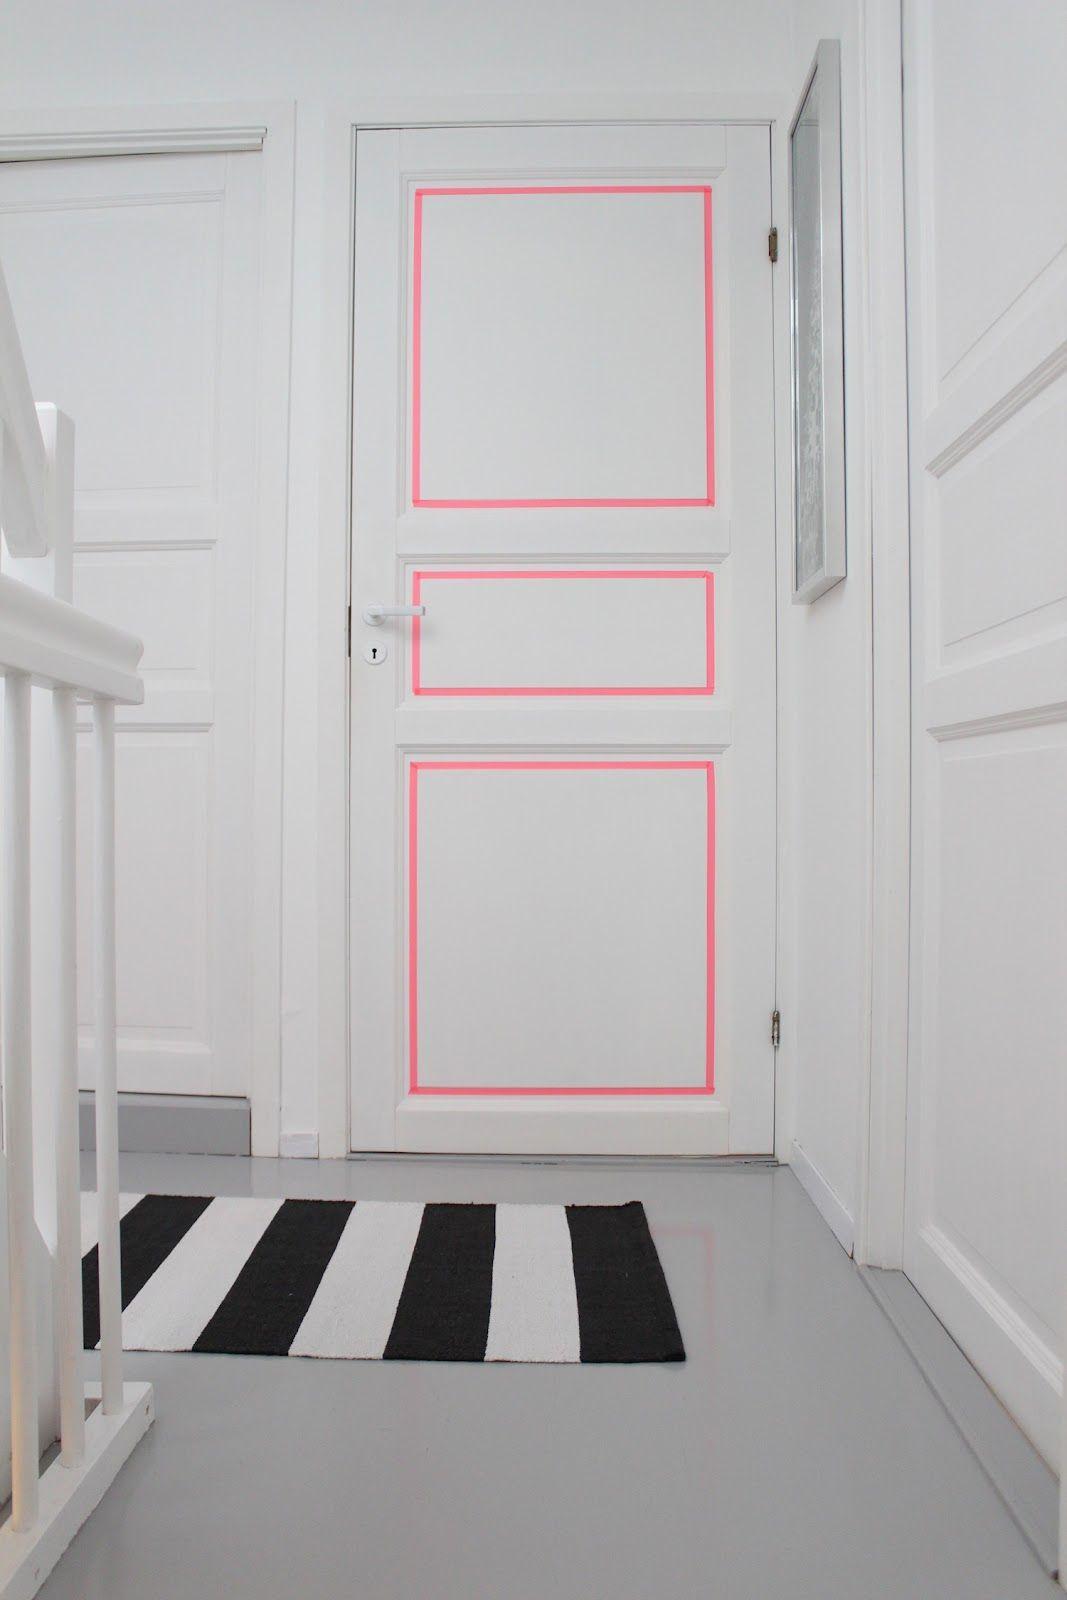 Simples detalhe para fazer a diferença na decoração com fita isolante